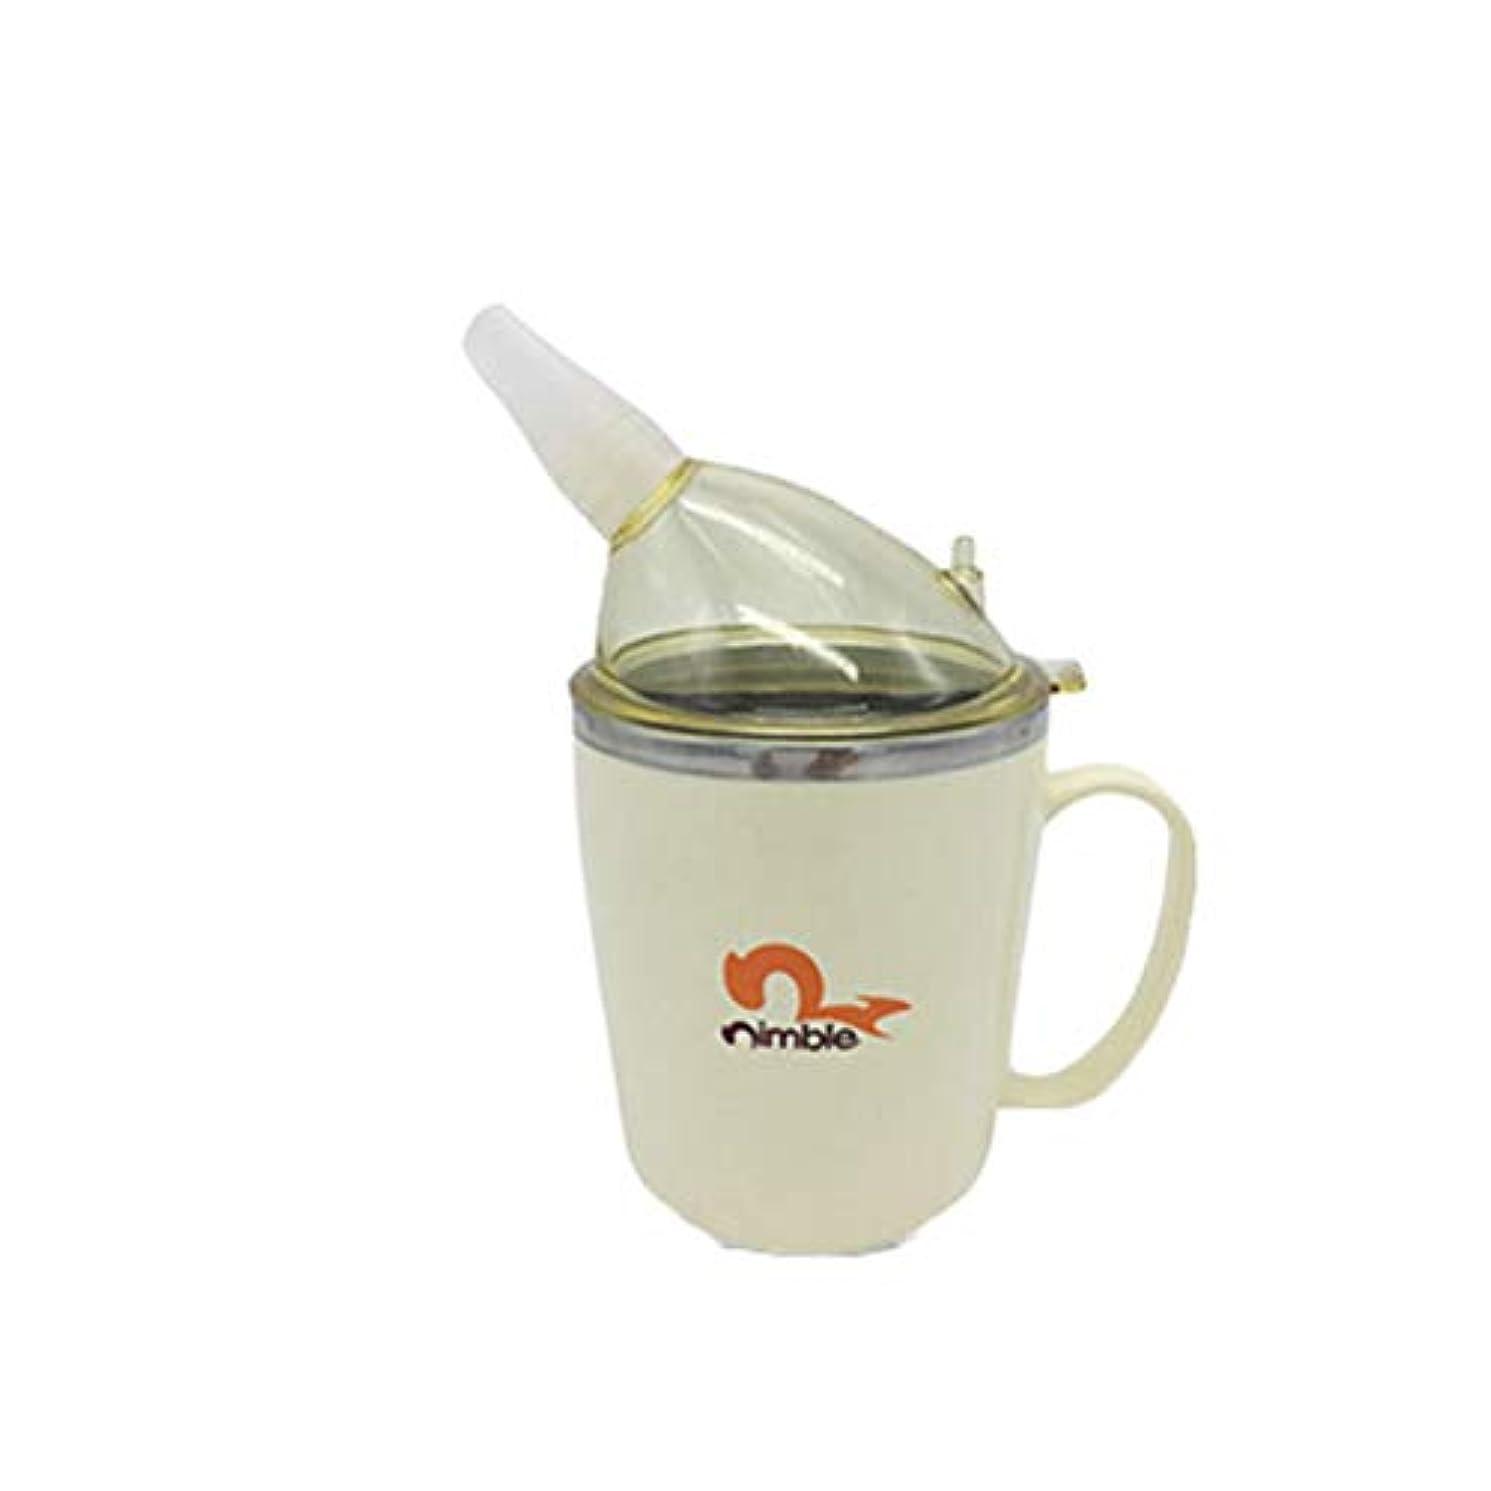 経営者揃える圧縮Healifty ふたとわらが付いている大人のシッピーカップ回復期の摂食カップのステンレス鋼のコップ